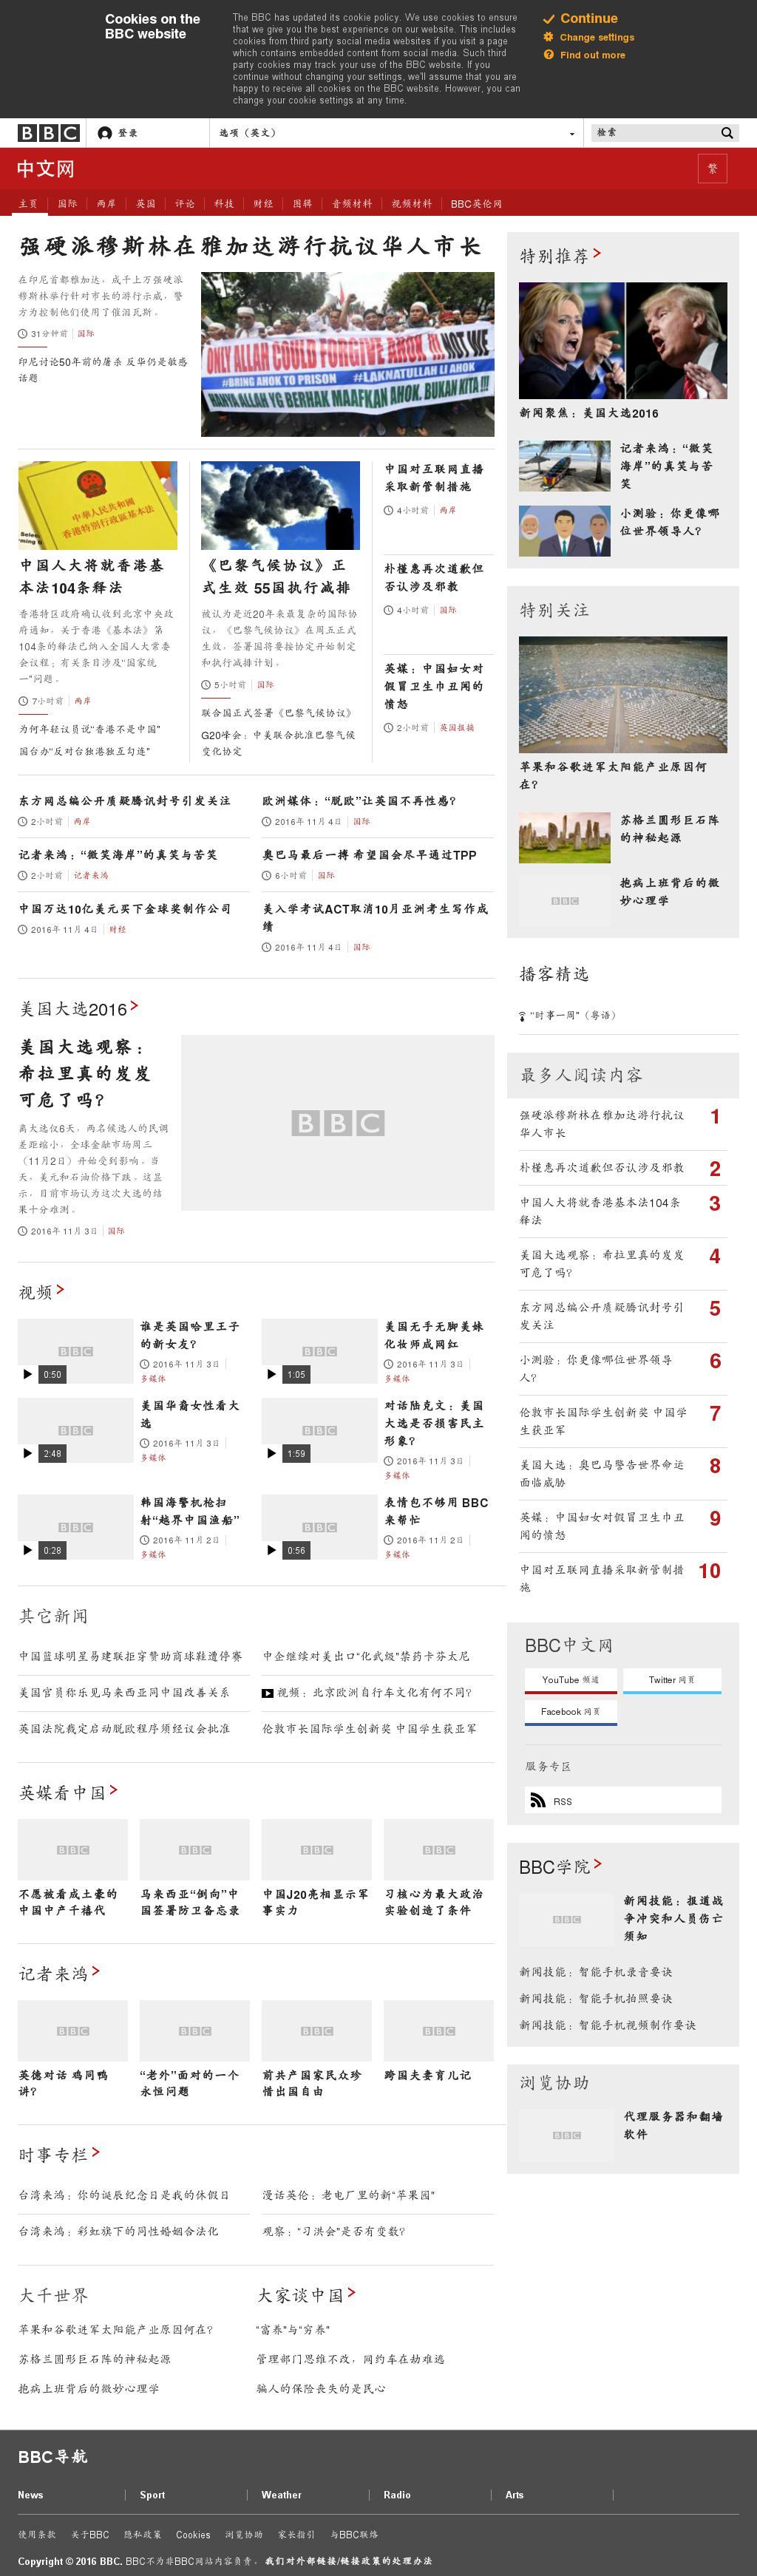 BBC (Chinese) at Friday Nov. 4, 2016, 3 p.m. UTC